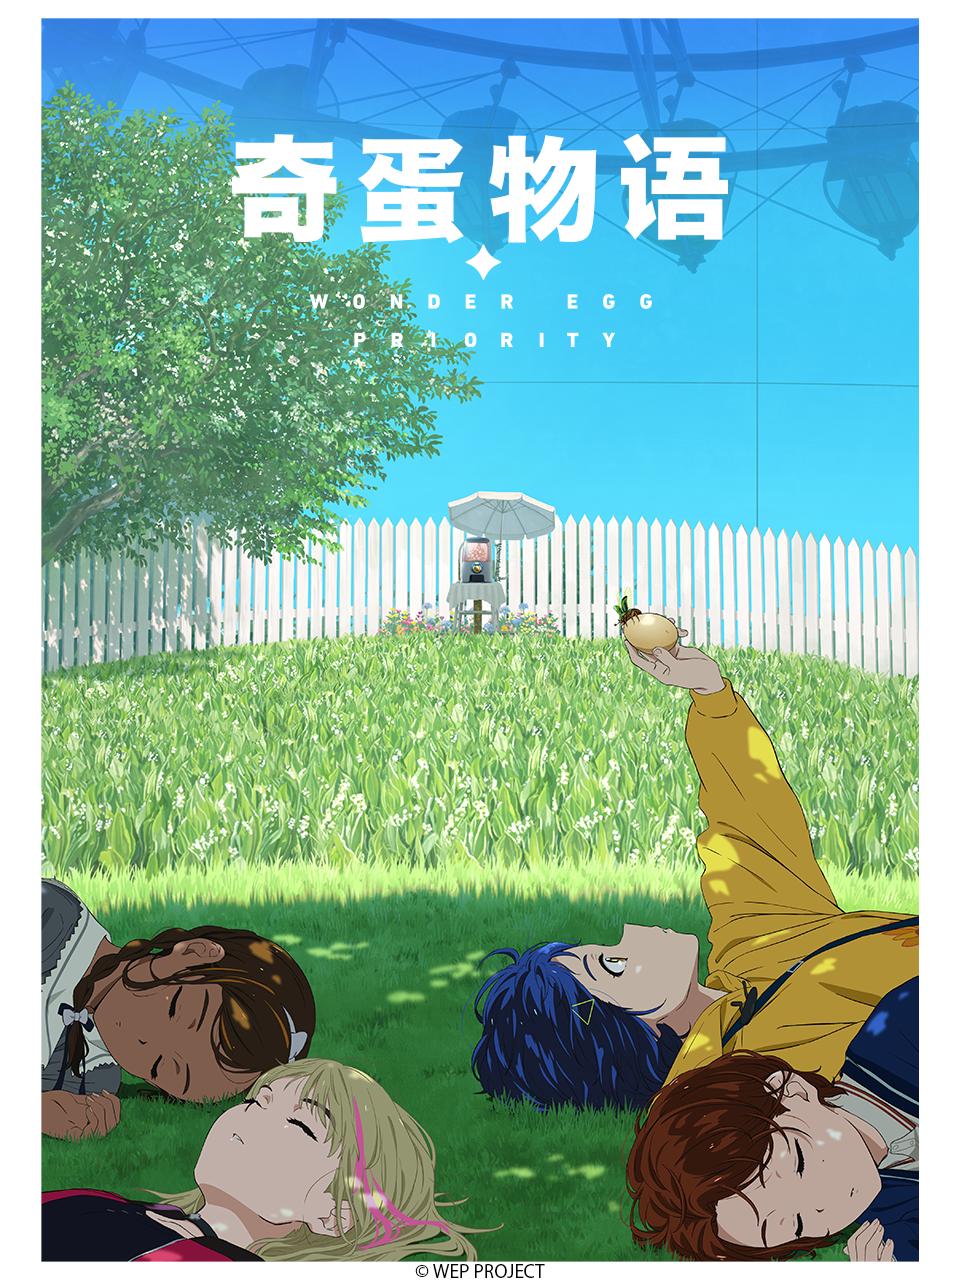 奇蛋物语 / WONDER EGG PRIORITY海报剧照